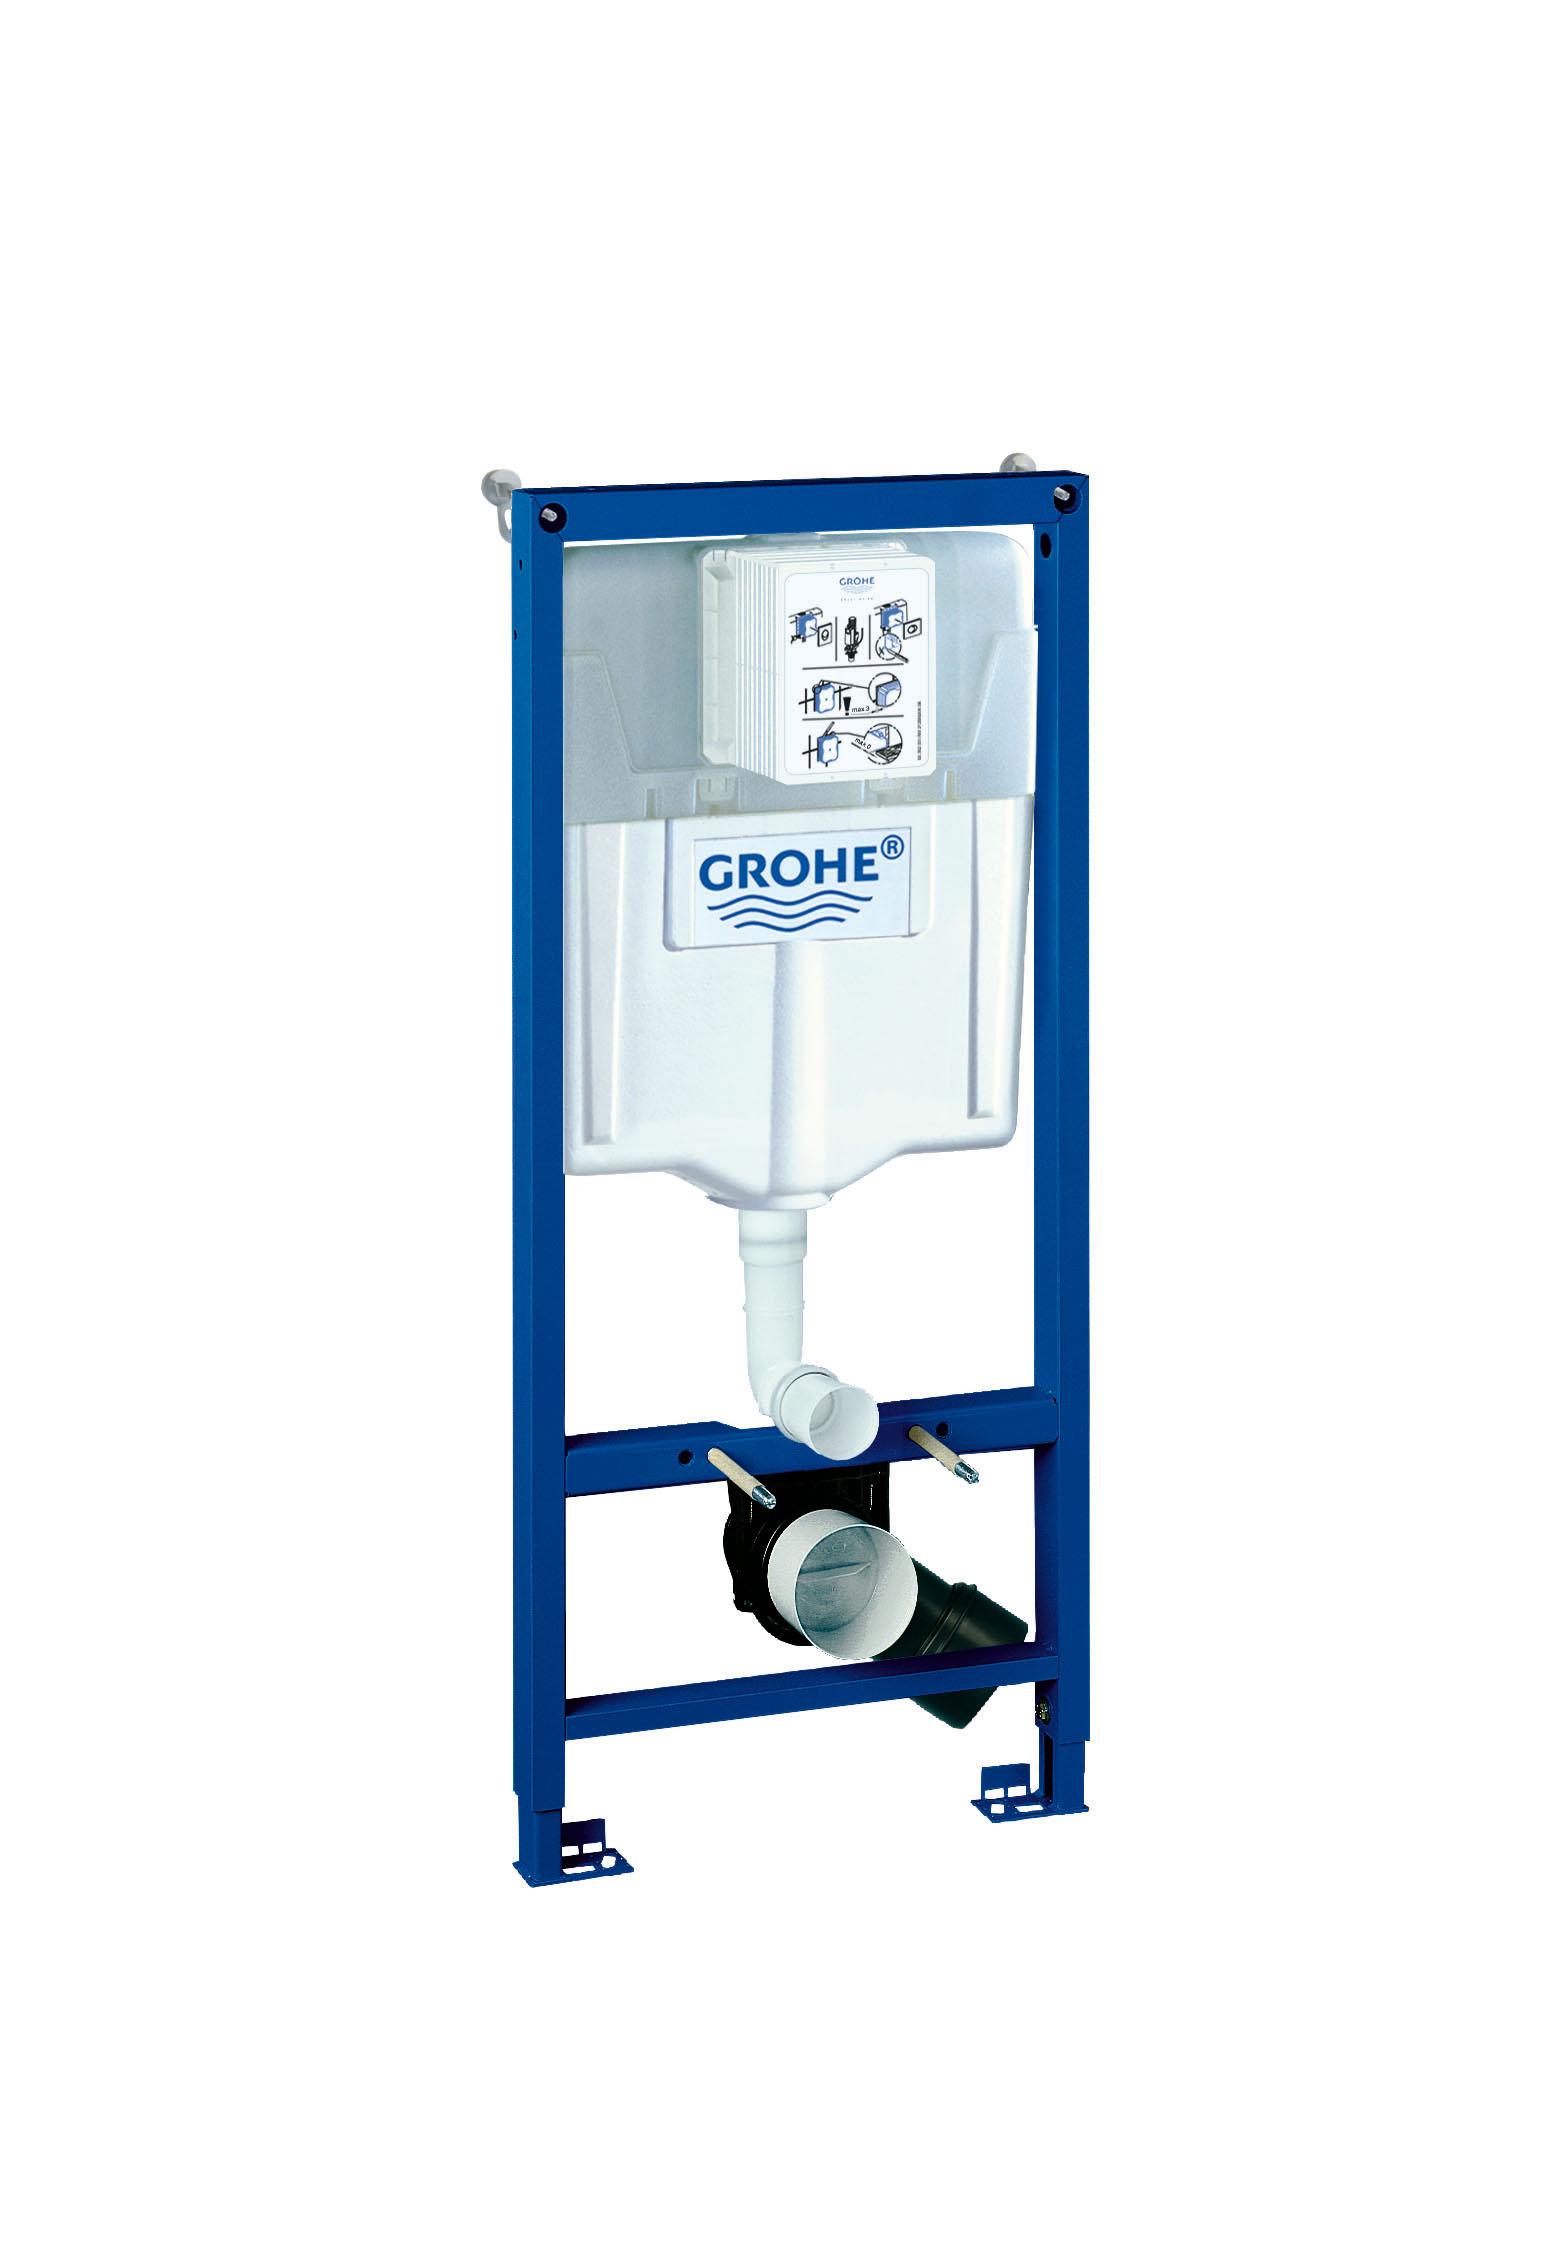 Система инсталляции для унитаза GROHE Rapid SL (1,13 м) (38536001)38536001Смывной бачок GD 2 С маленьким ревизионным окошком Монтажная высота 1,13 м Для монтажа перед стеной или стеной перегородкой Самонесущая стальная рама сПорошковым напылением Подготовлена для облицовки Фиксированные подключения Для одиночного или рядного монтажа Быстрая регулировка по высоте Крепежный материал Проверено -TUEV 2 болта-держателя для унитаза Крепление для керамики Расстояние между болтами 180/230 мм Выходной патрубок для унитаза O 90 мм Регулировка глубины монтажа Редуктор O 90/110 мм Впускной и смывной гарнитуры Смывной бачок GD 2, 6 - 9 л Заводская настройка 6 л и 3 л Пневматический смывной клапан с тремя режимамиСлива: 2-х объёмный, старт/стоп, или непрерывный Подключение воды слева, справа и сзади Арматурная группа I В соответствии с DIN С изоляцией от конденсационной влаги Подключение воды DN 15 Для вертикального или горизонтального монтажа С принадлежностями для монтажа перед стенойВидео по установке является исключительно информационным. Установка должна проводиться профессионалами!